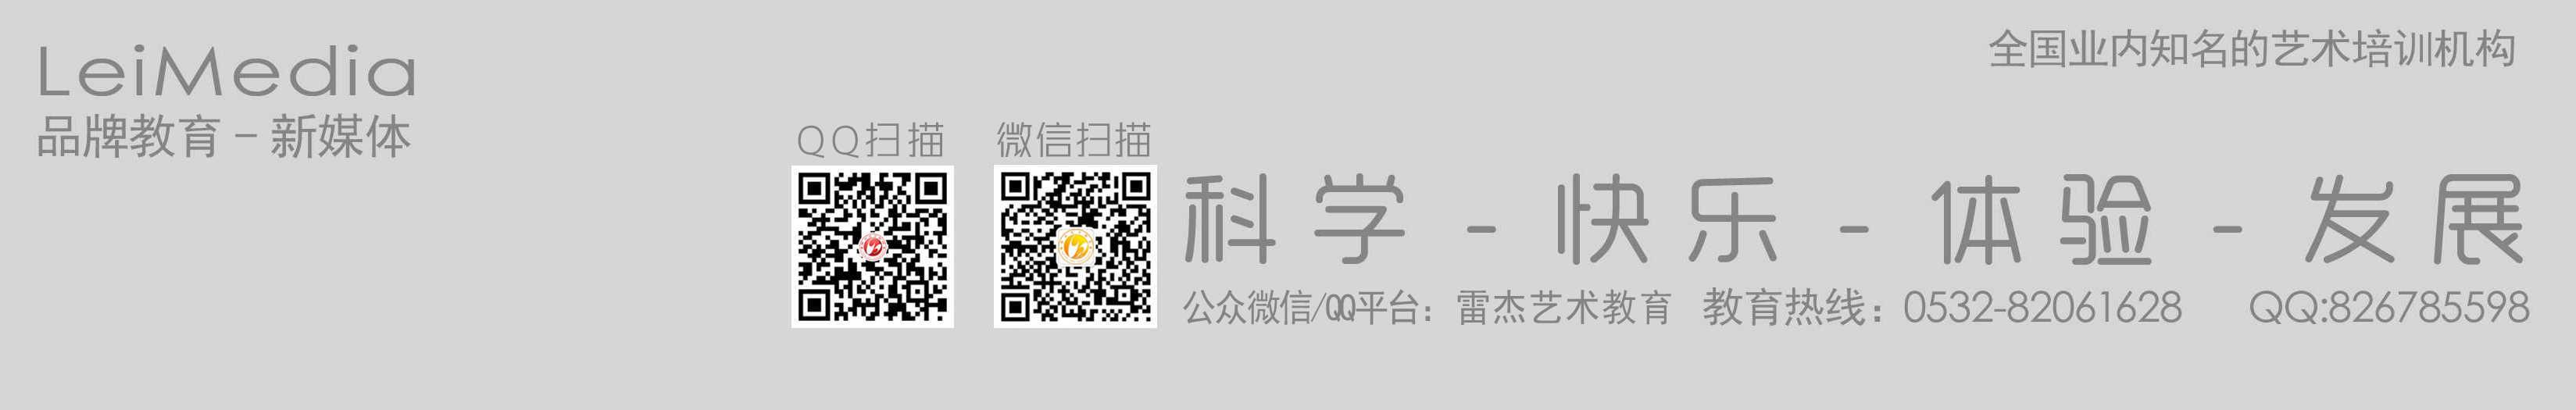 雷杰舞蹈艺术教育 banner